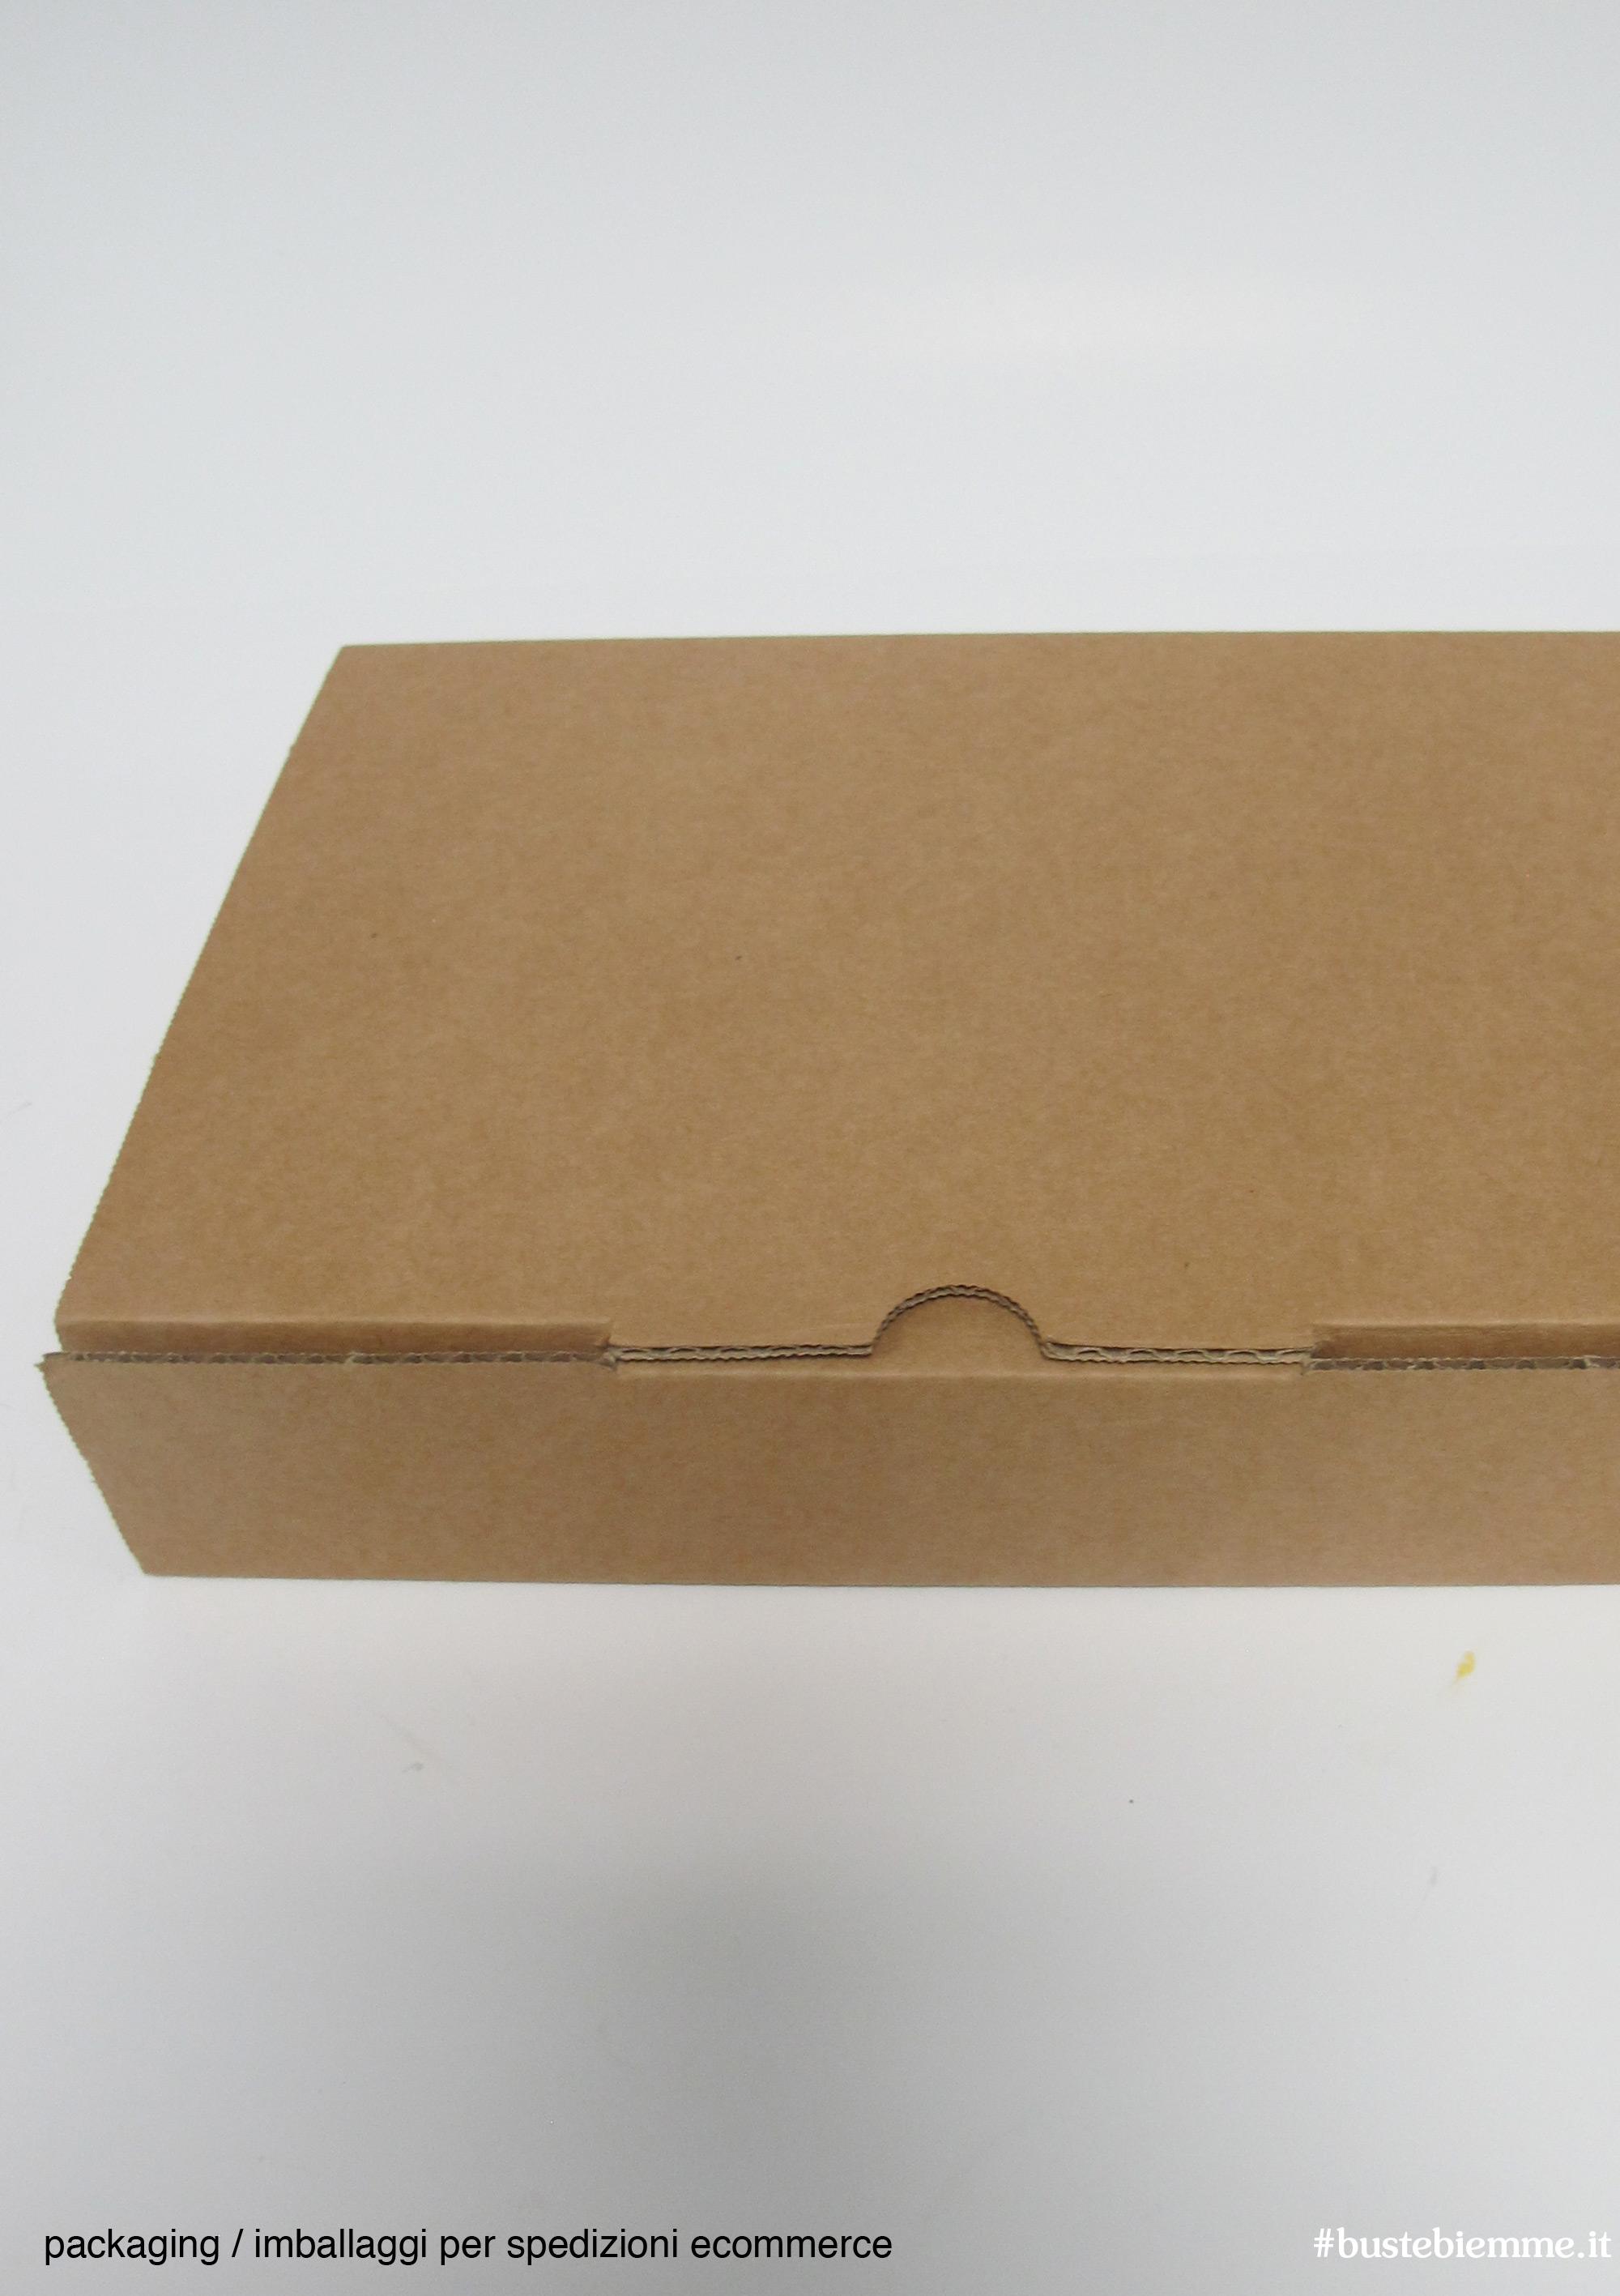 imballaggi specifici e rinforzati per spedizioni e-commerce